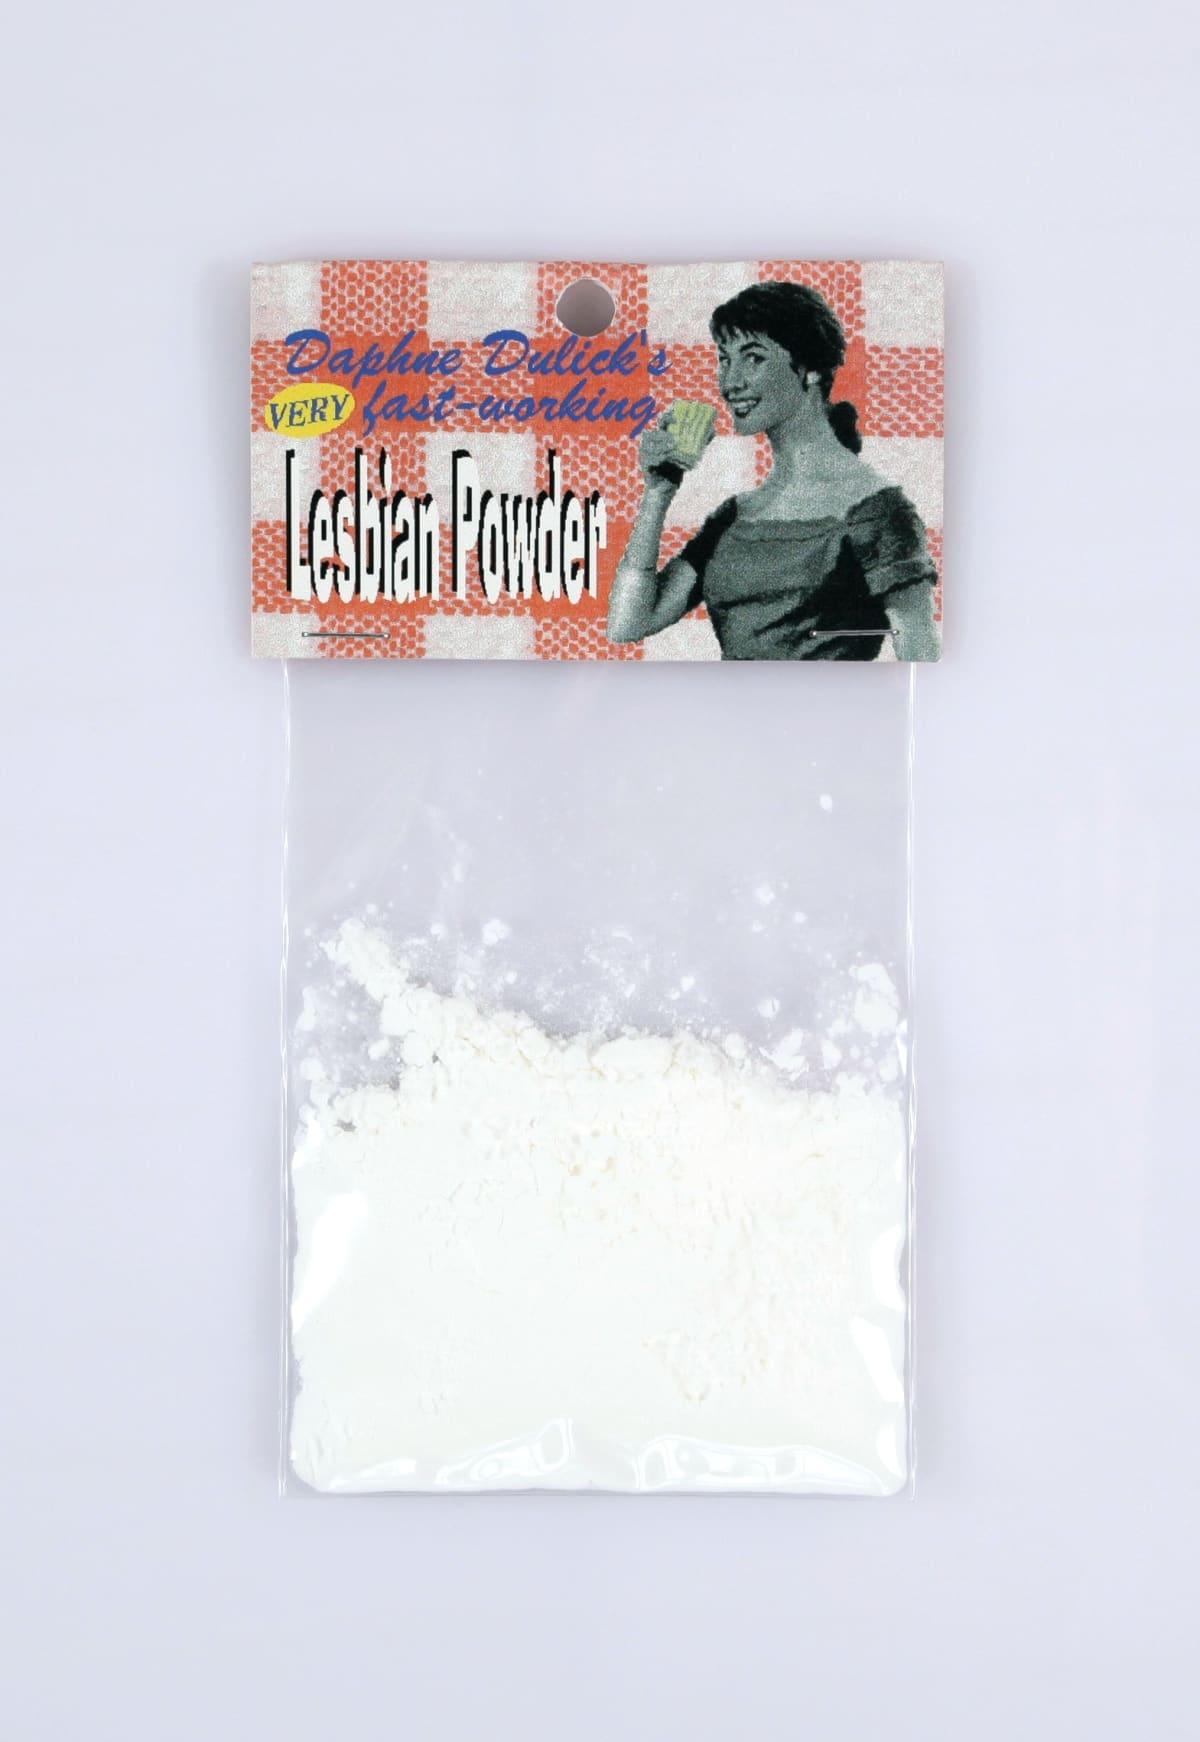 Lesbian powder